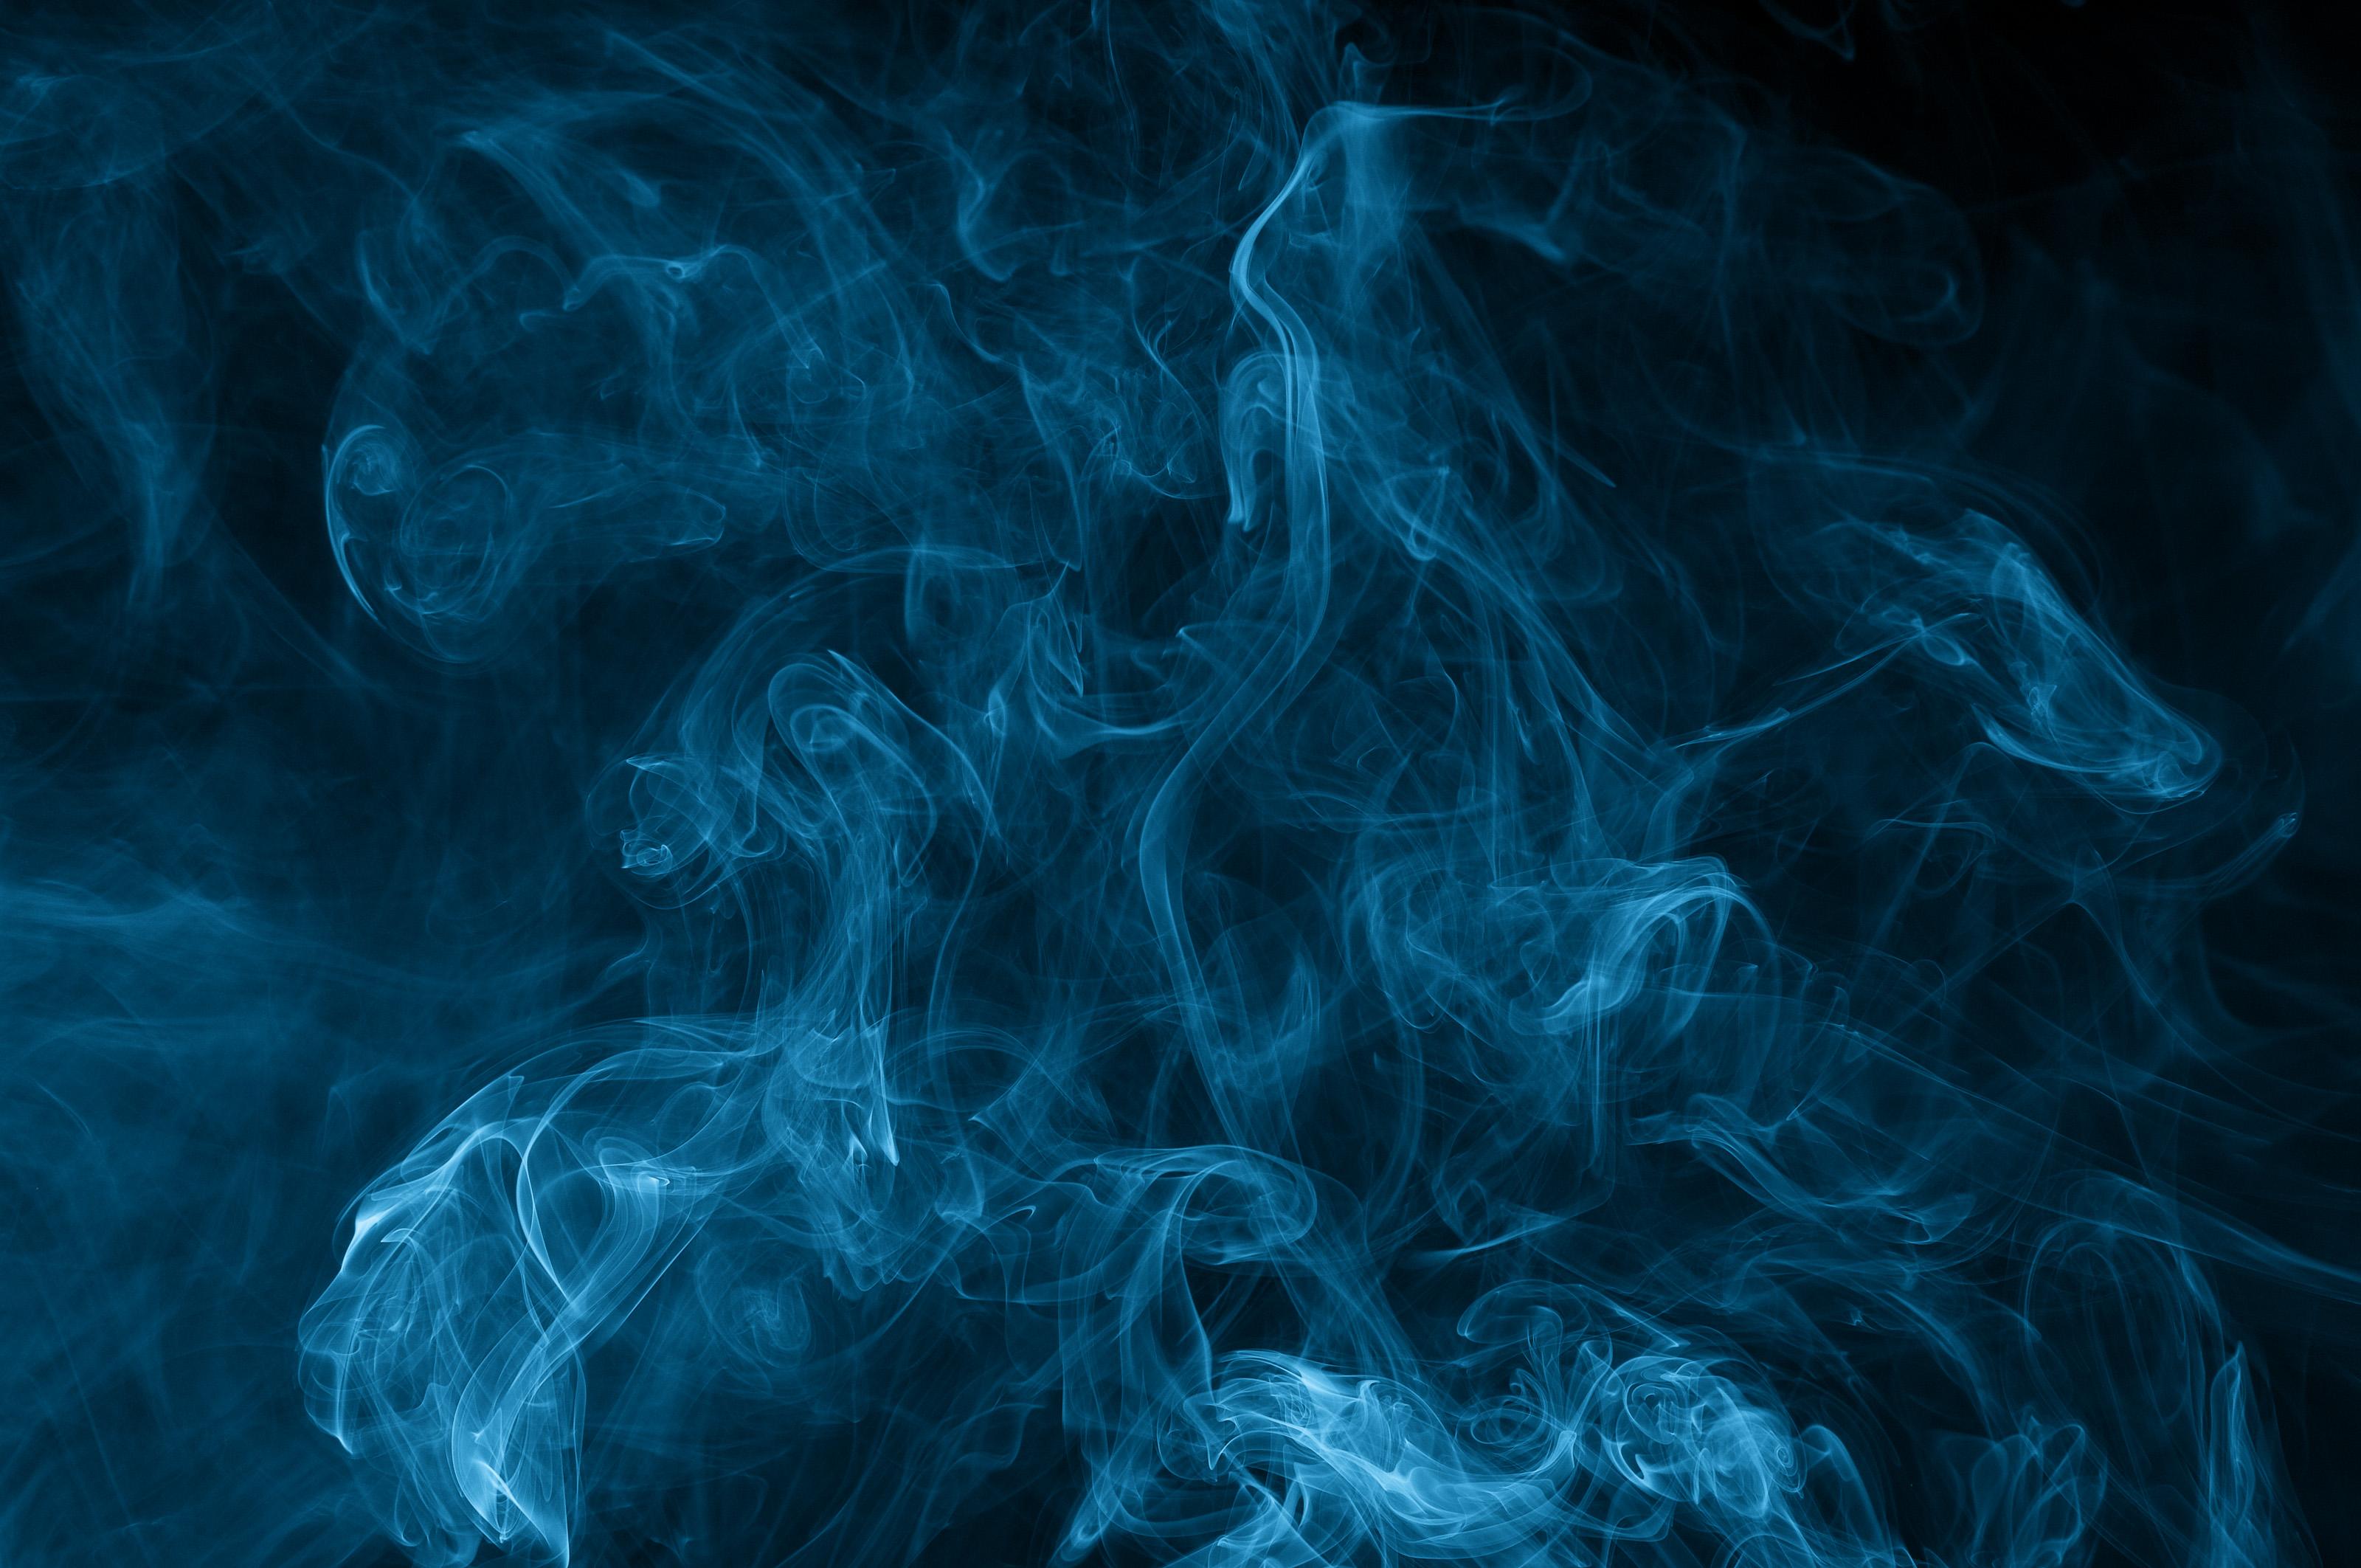 Сонник огонь дым тушить. к чему снится огонь дым тушить видеть во сне - сонник дома солнца